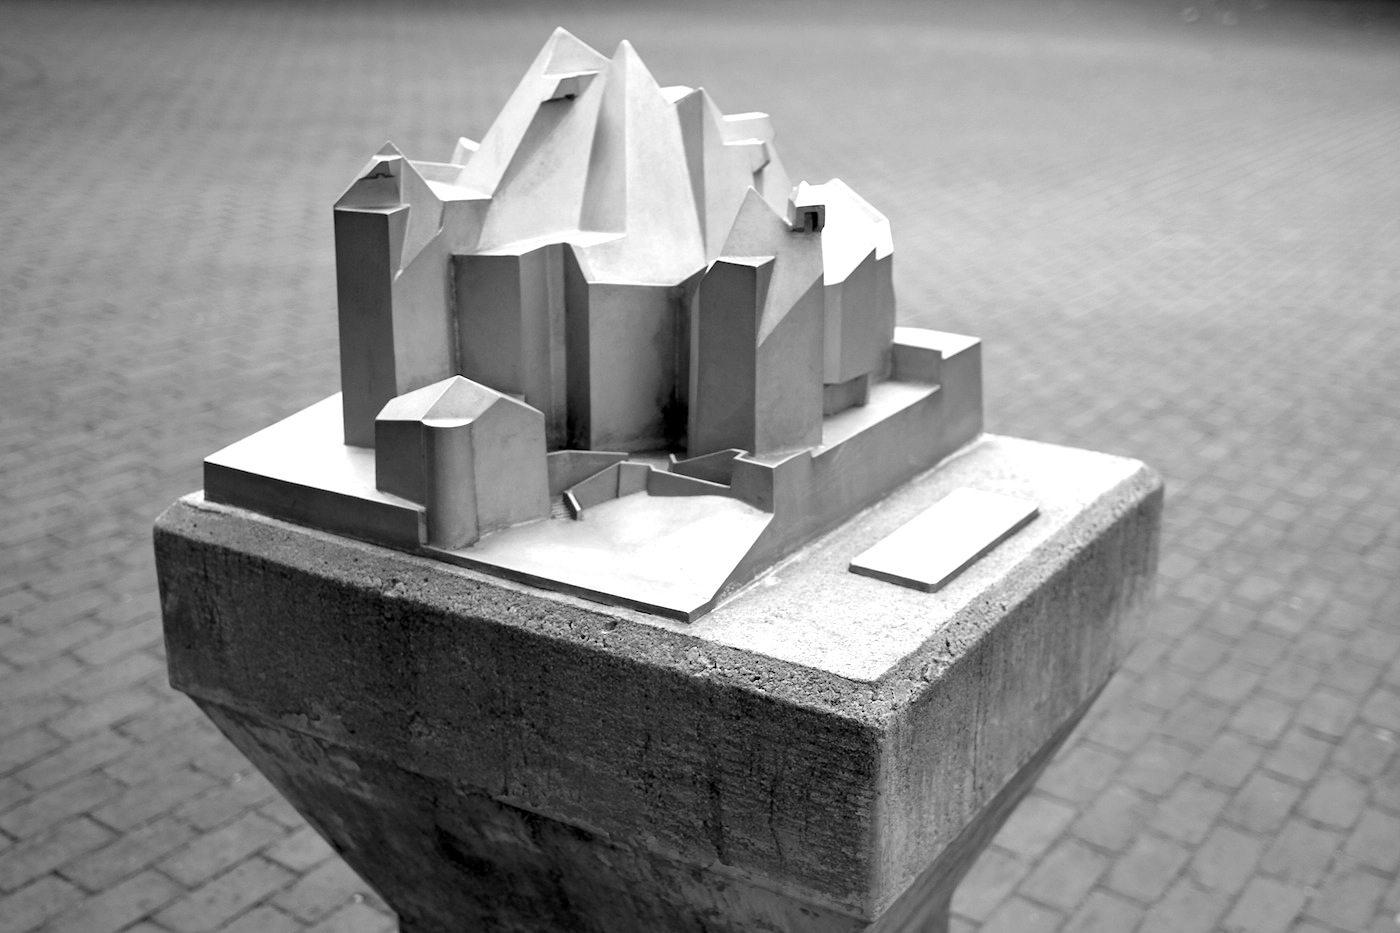 Katholische Wallfahrtskirche Maria, Königin des Friedens. Gottfried Böhm, Baujahr: 1968. Elberfelder Str. 12, 42553 Velbert-Neviges